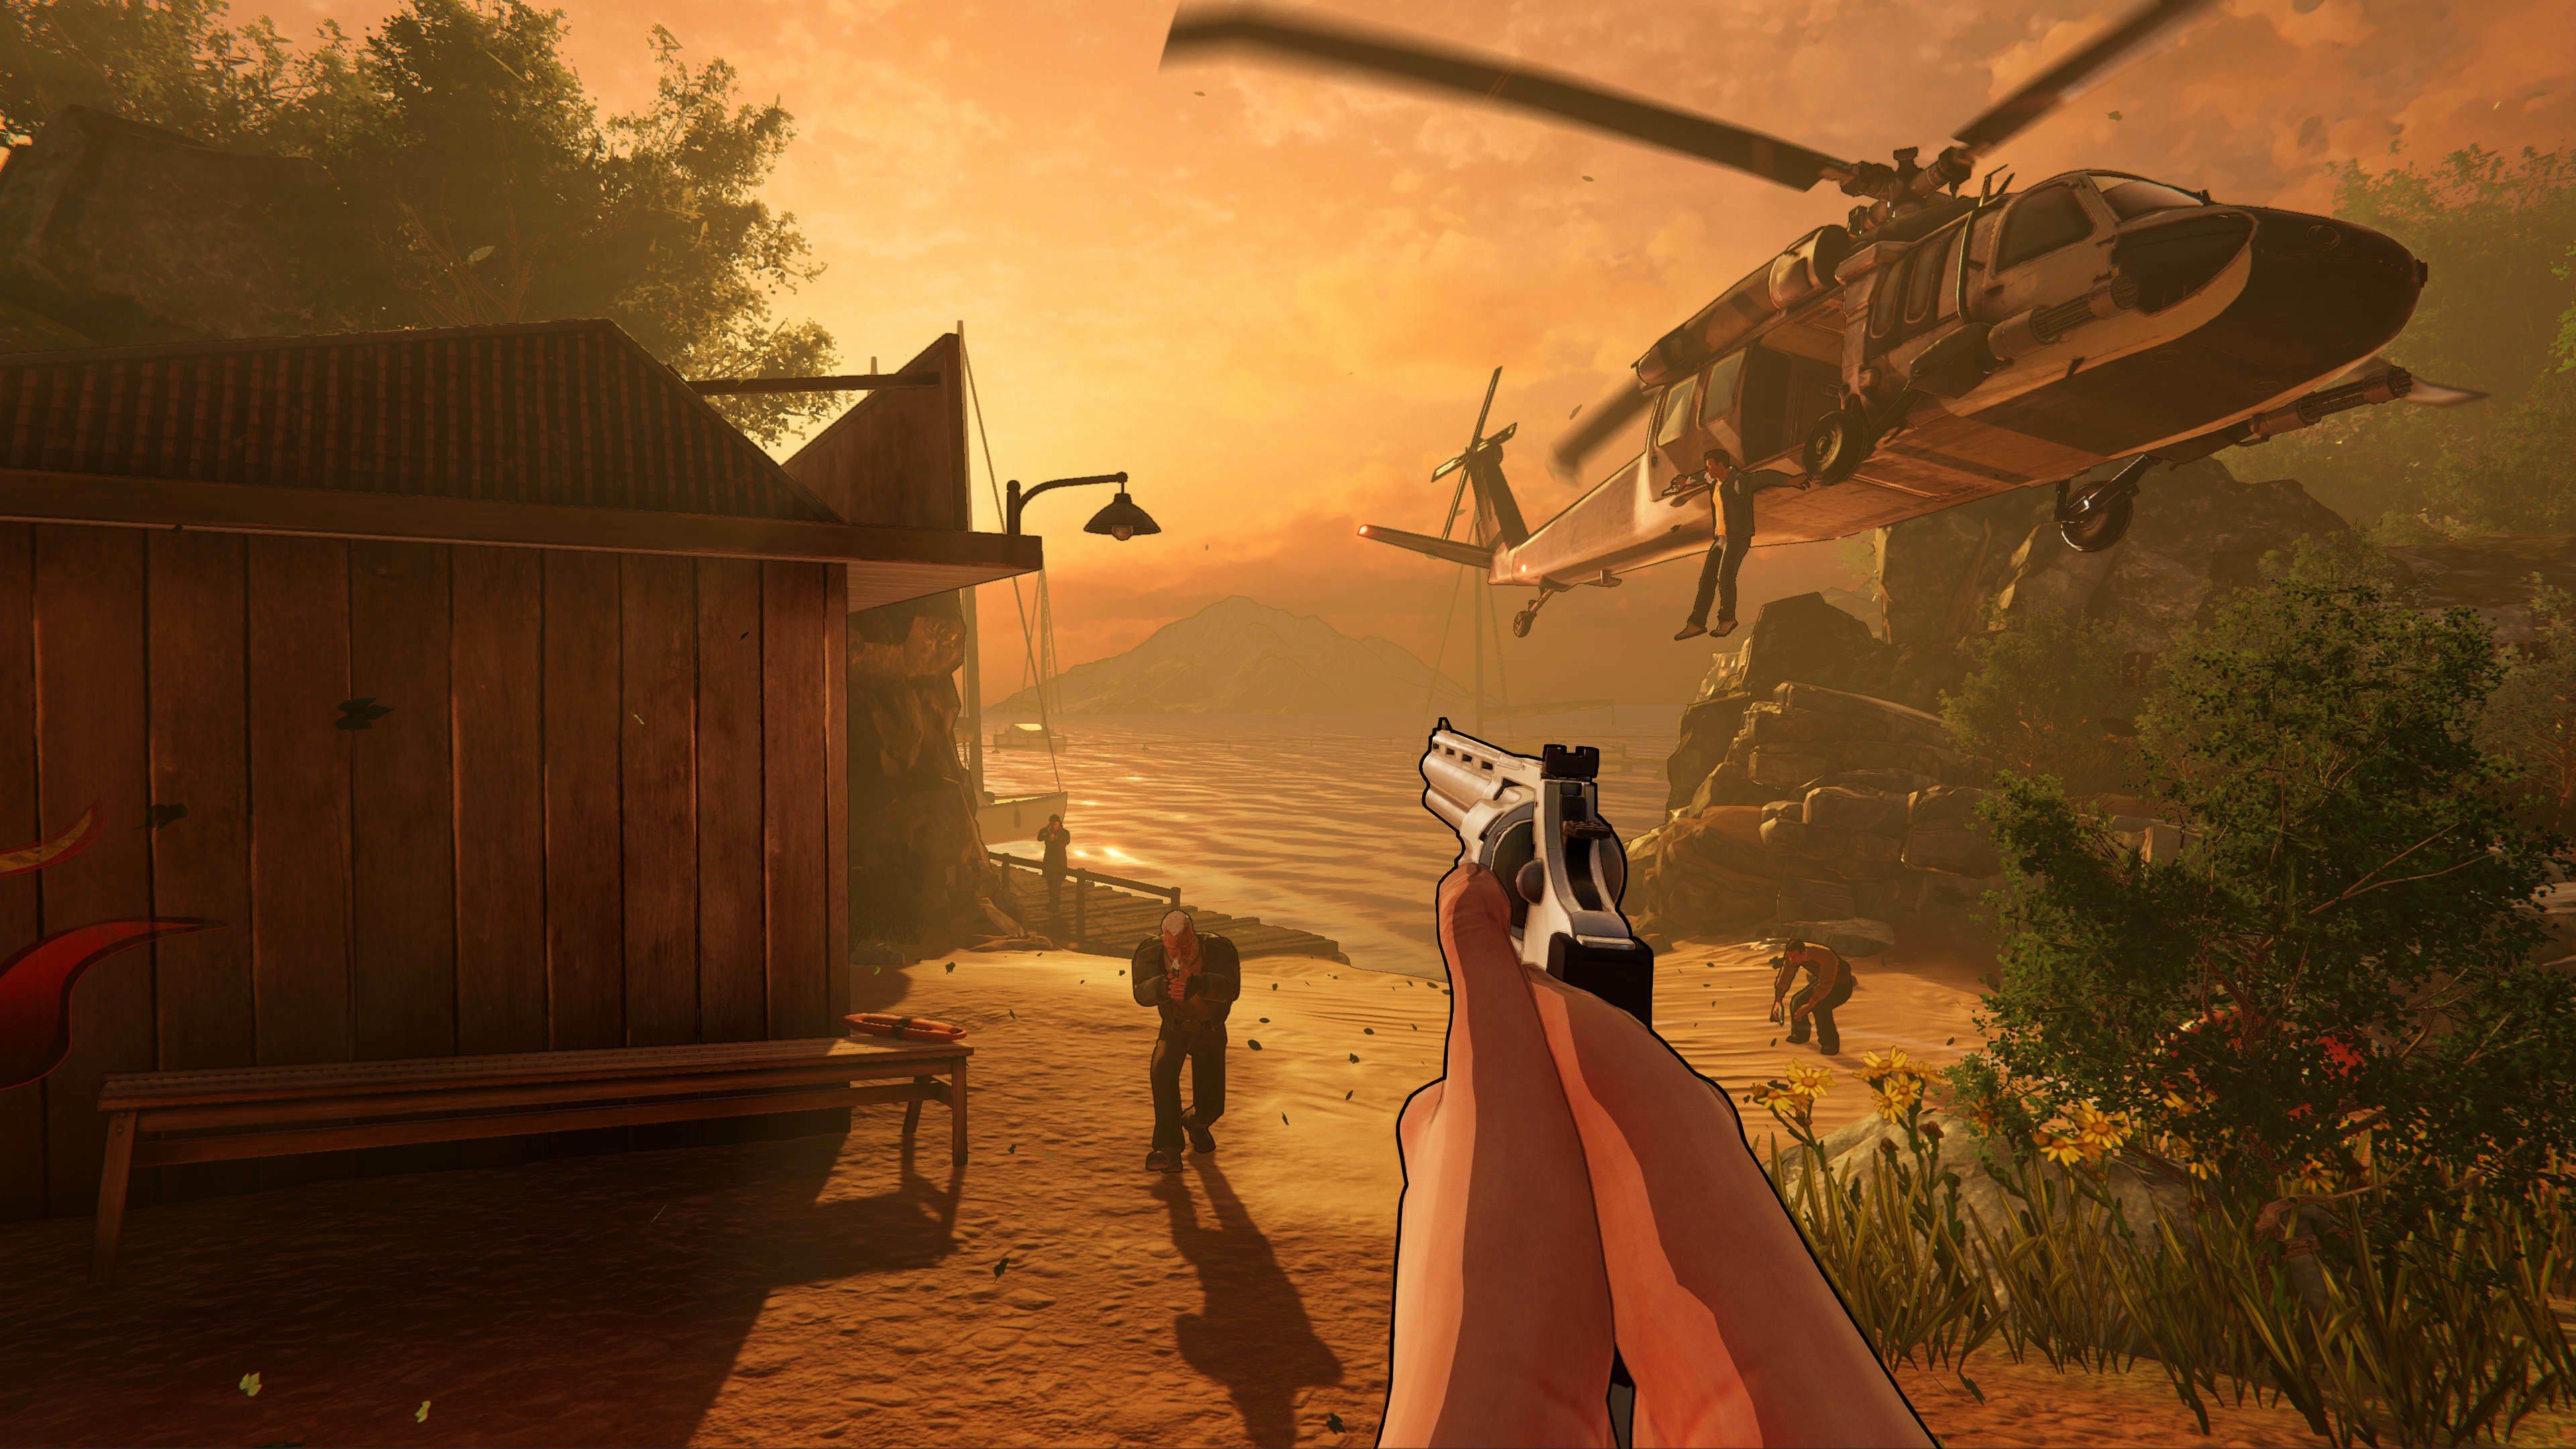 Screenshot for the game XIII v.1.0.2.9f [GOG] (2003-2020)  download torrent License